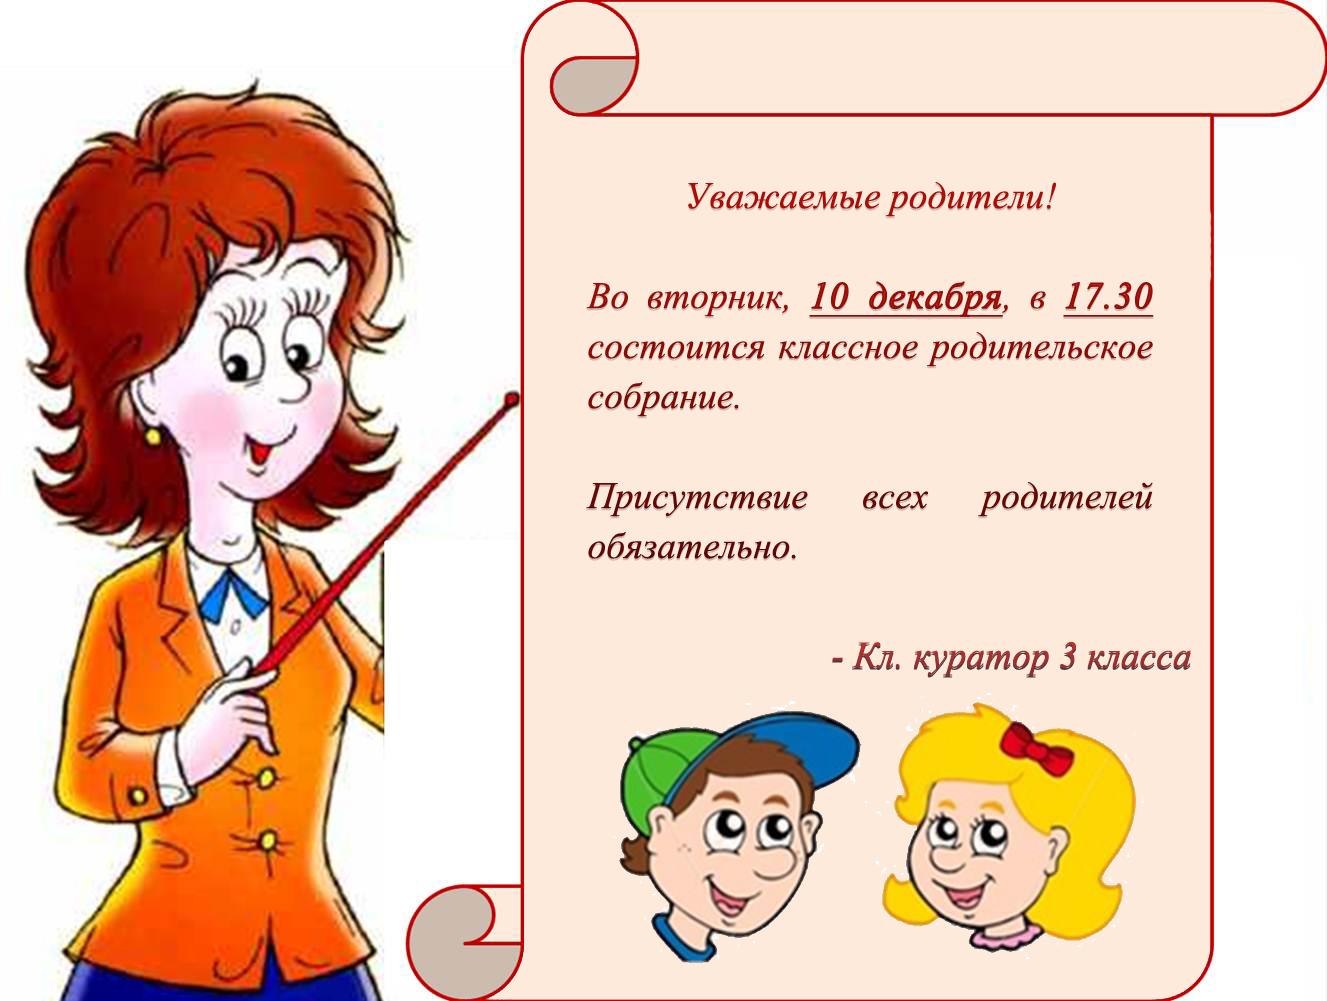 Образец приглашения родителям на праздник 8 марта